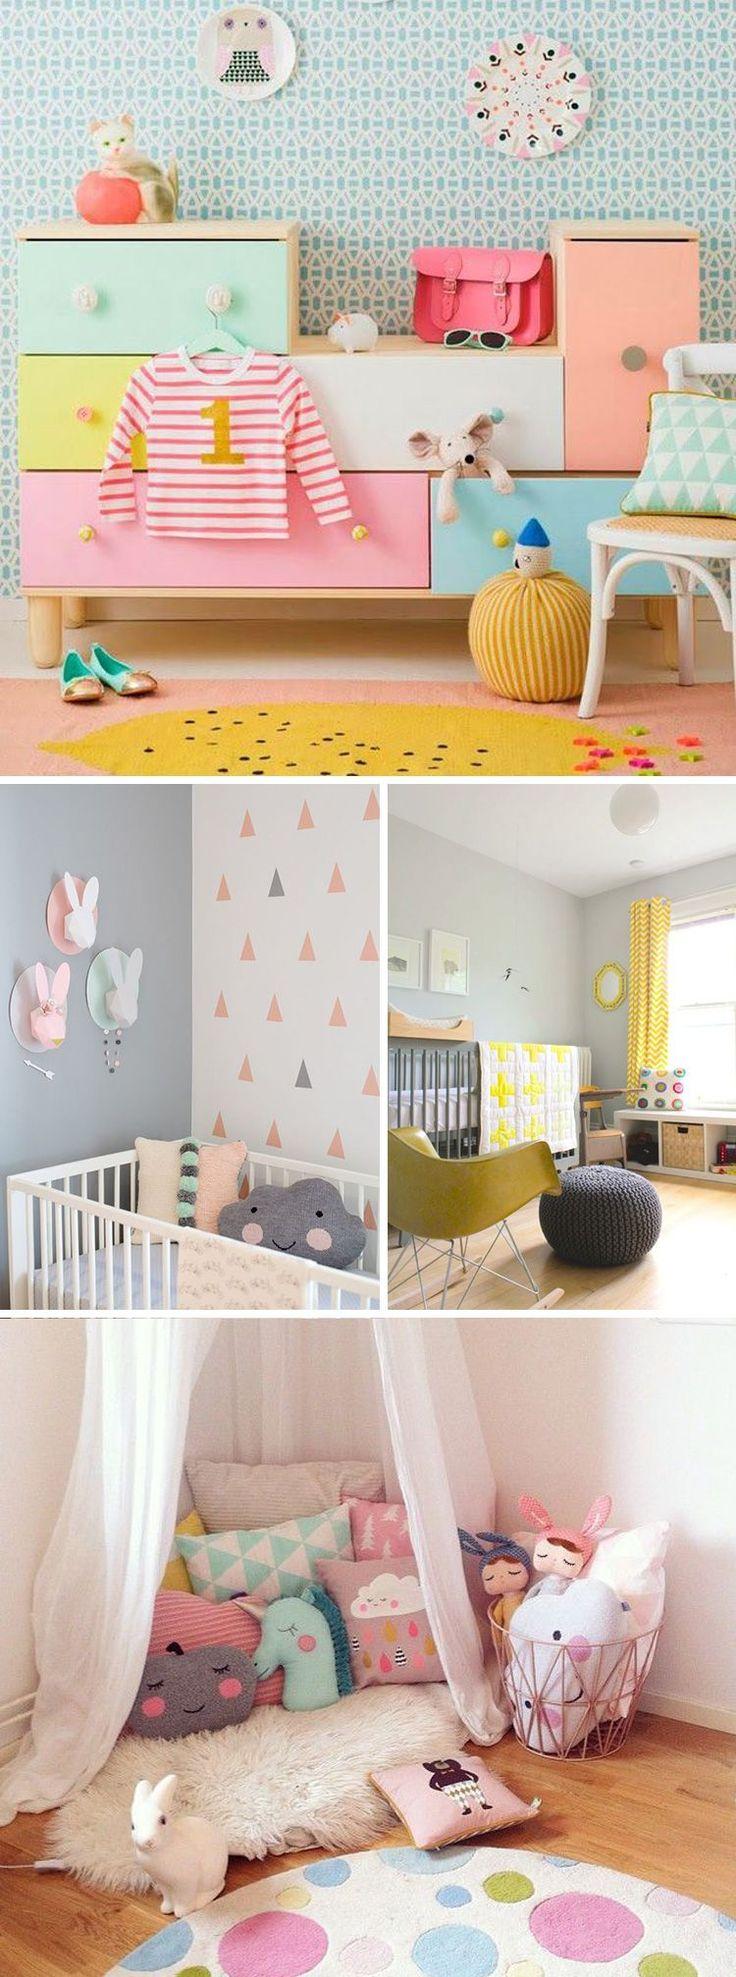 Mur gris, rideaux jaune, motifs sur le mur.